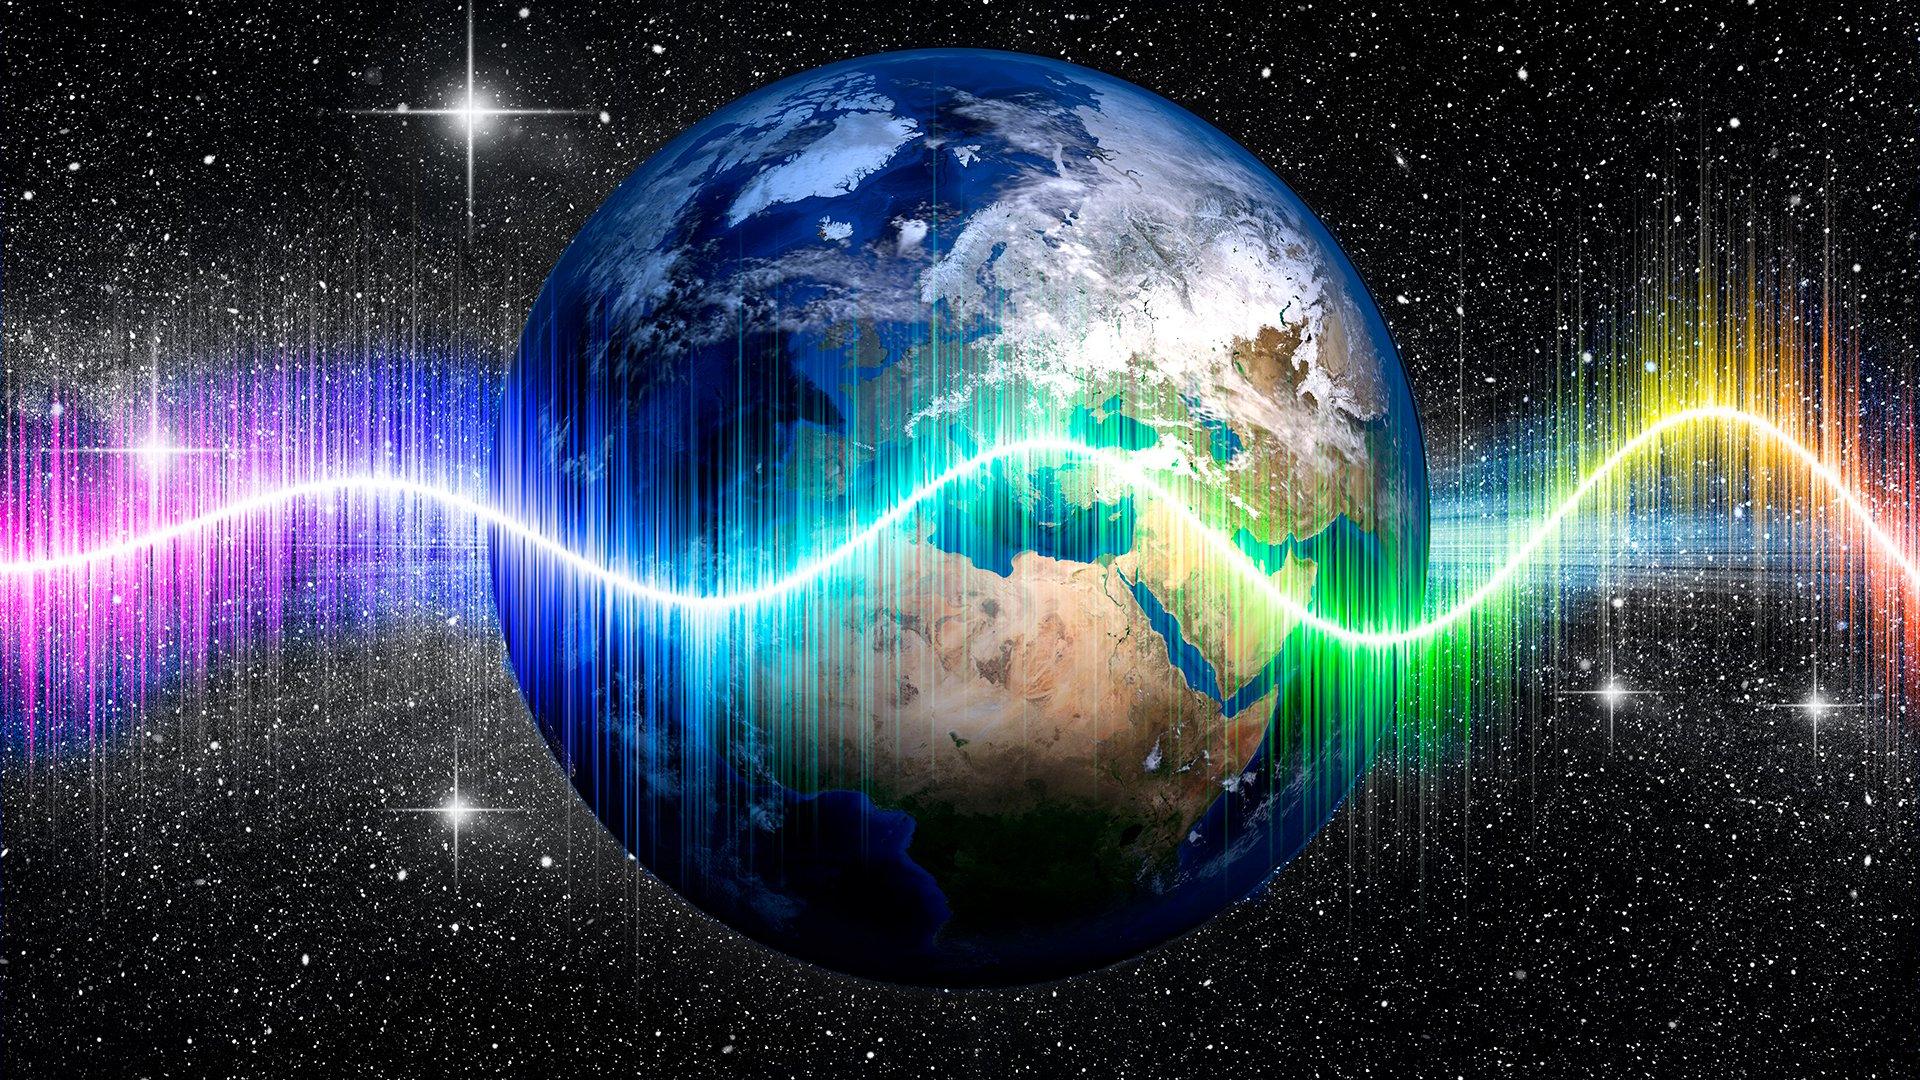 Weltraum, Flash, Raumfahrt, Nasa, Energie, Weltall, Strom, Funk, Umwelt, Erde, Planet, Umweltschutz, Klimaschutz, Welt, Klimawandel, Globus, Erderwärmung, Klimaerwärmung, Sterne, Blitz, Temperatur, Earth, Sternenhimmel, Nachthimmel, Sternschnuppen, Planet Erde, Farbverlauf, Wellen, Funkwellen, Regenbogen, Sternhimmel, Radiowellen